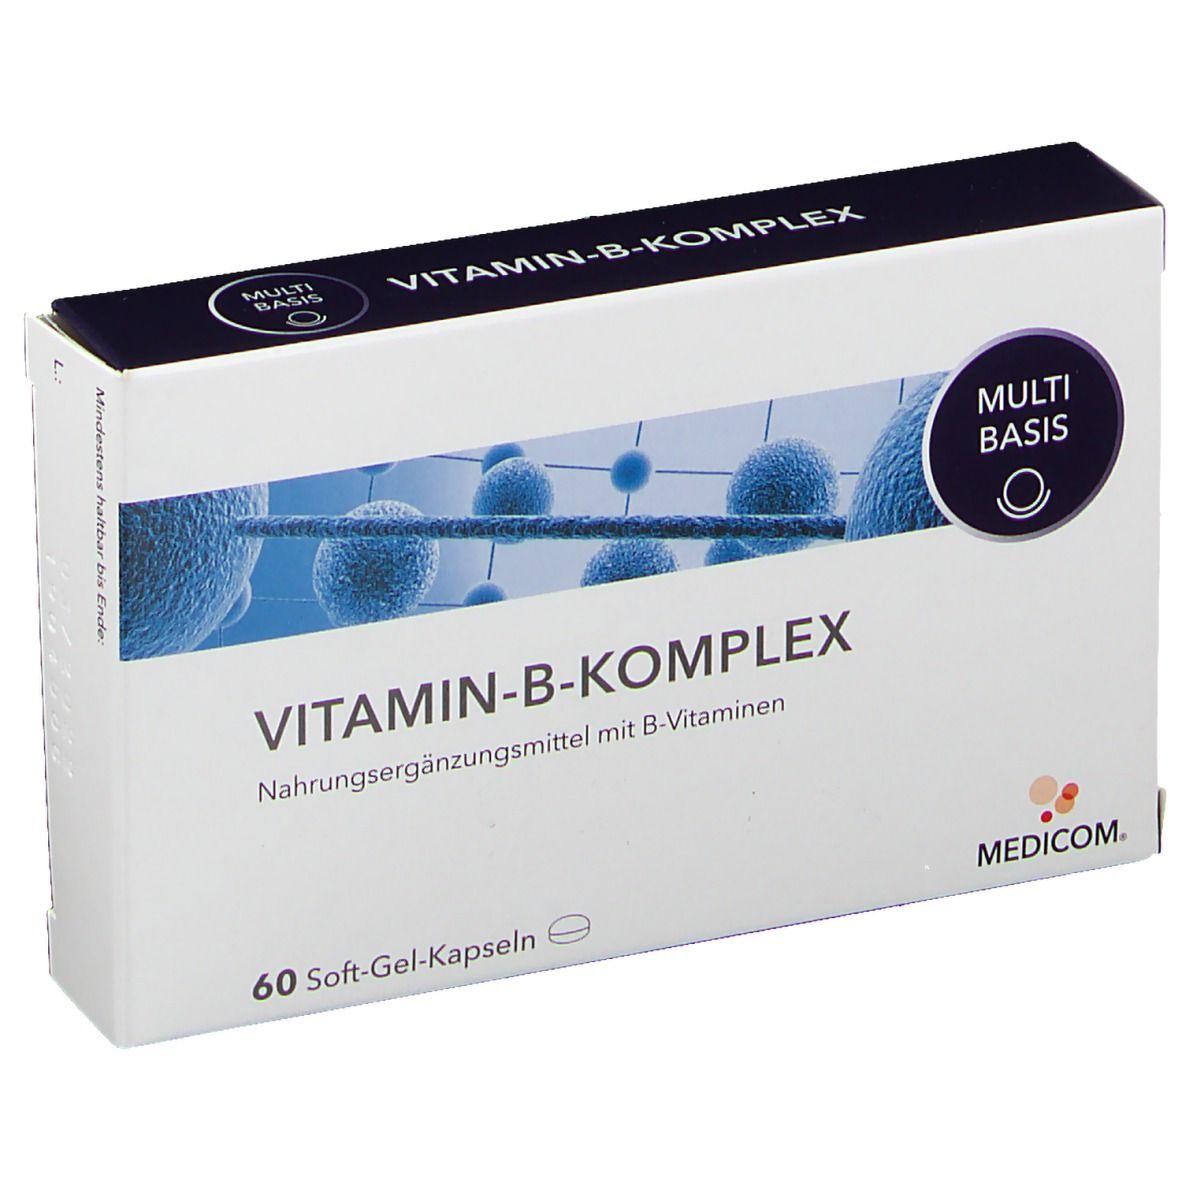 MEDICOM® Vitamin-B-Komplex